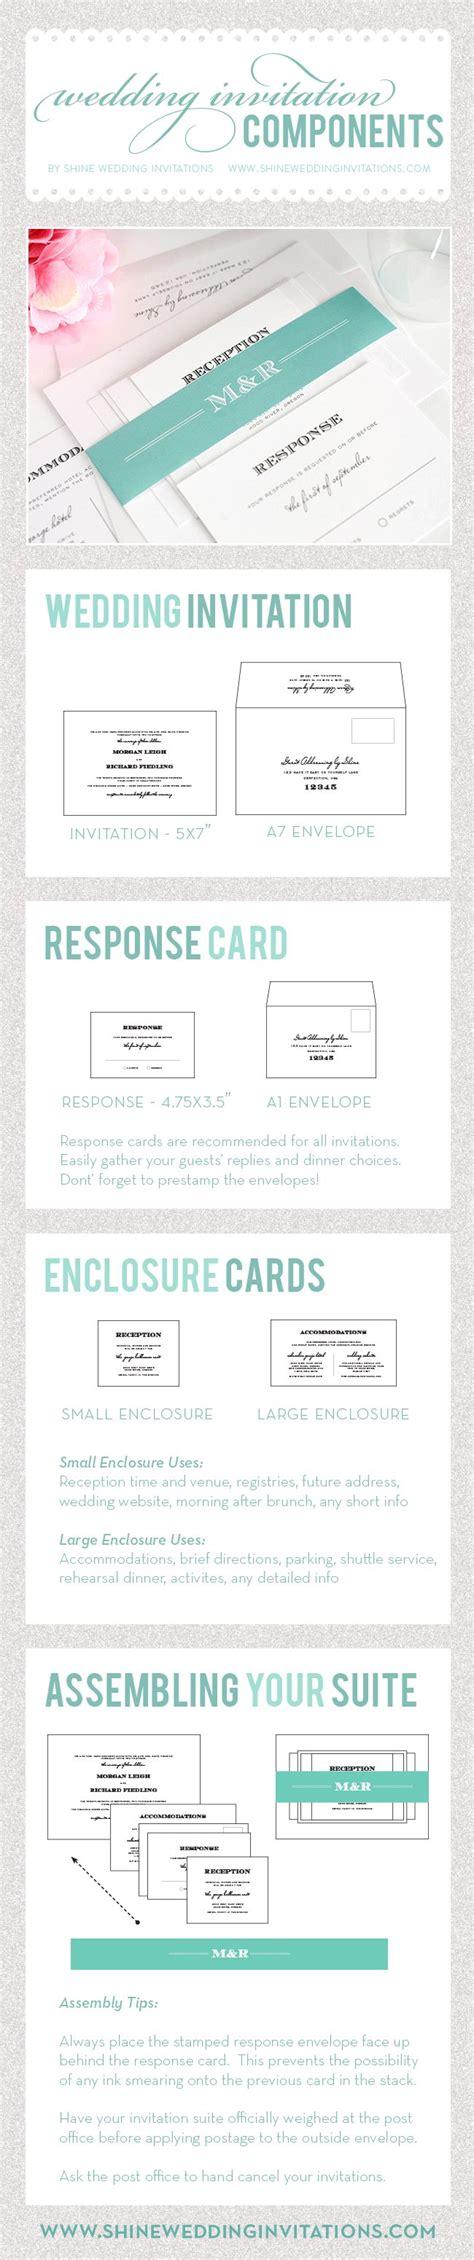 wedding invitation checklist 6 helpful wedding invitation checklists modwedding